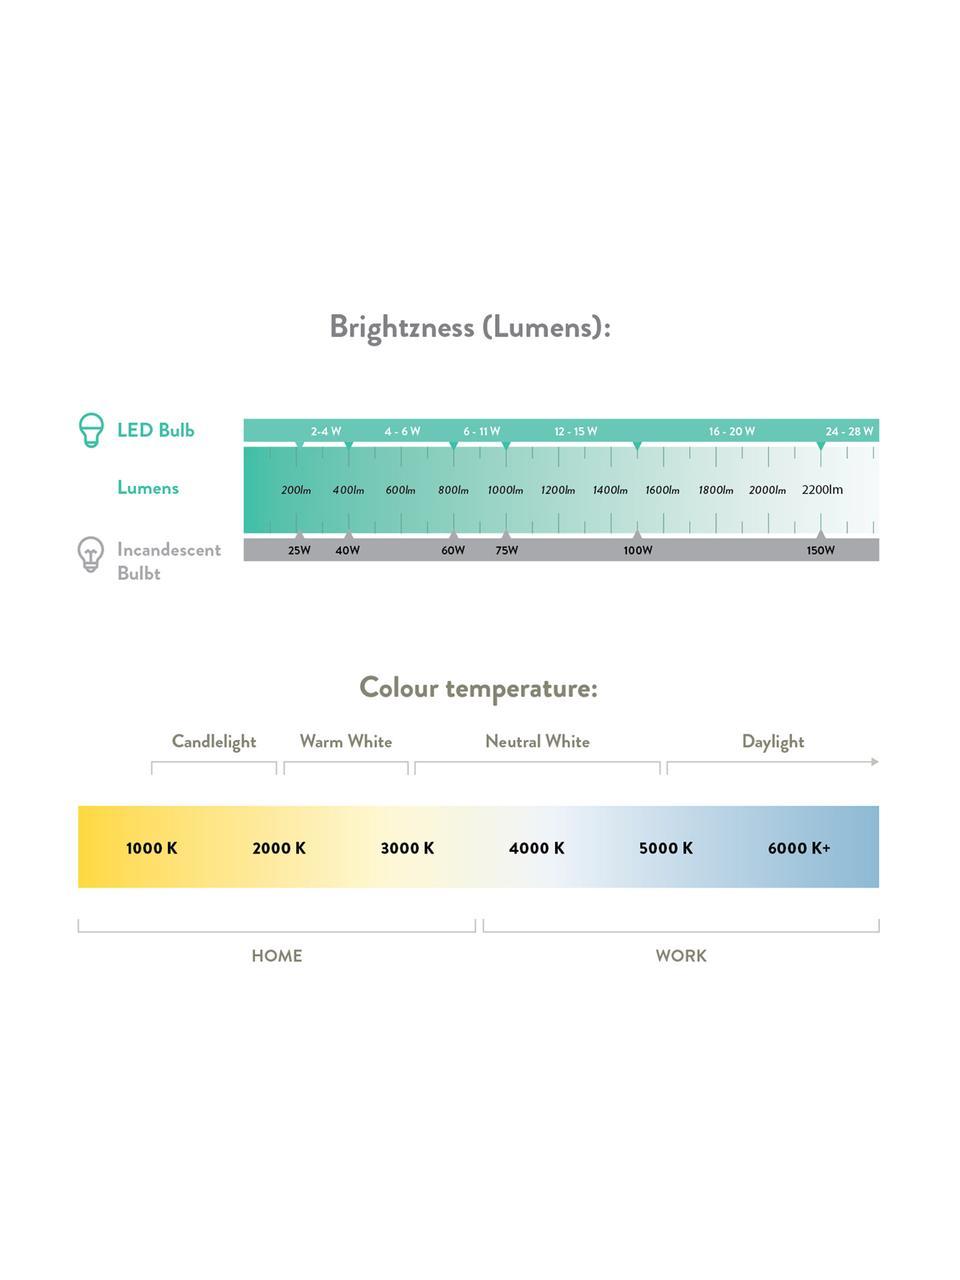 E27 Leuchtmittel, 8W, dimmbar, warmweiß, 3 Stück, Leuchtmittelschirm: Glas, Leuchtmittelfassung: Aluminium, Transparent, Ø 6 x H 11 cm